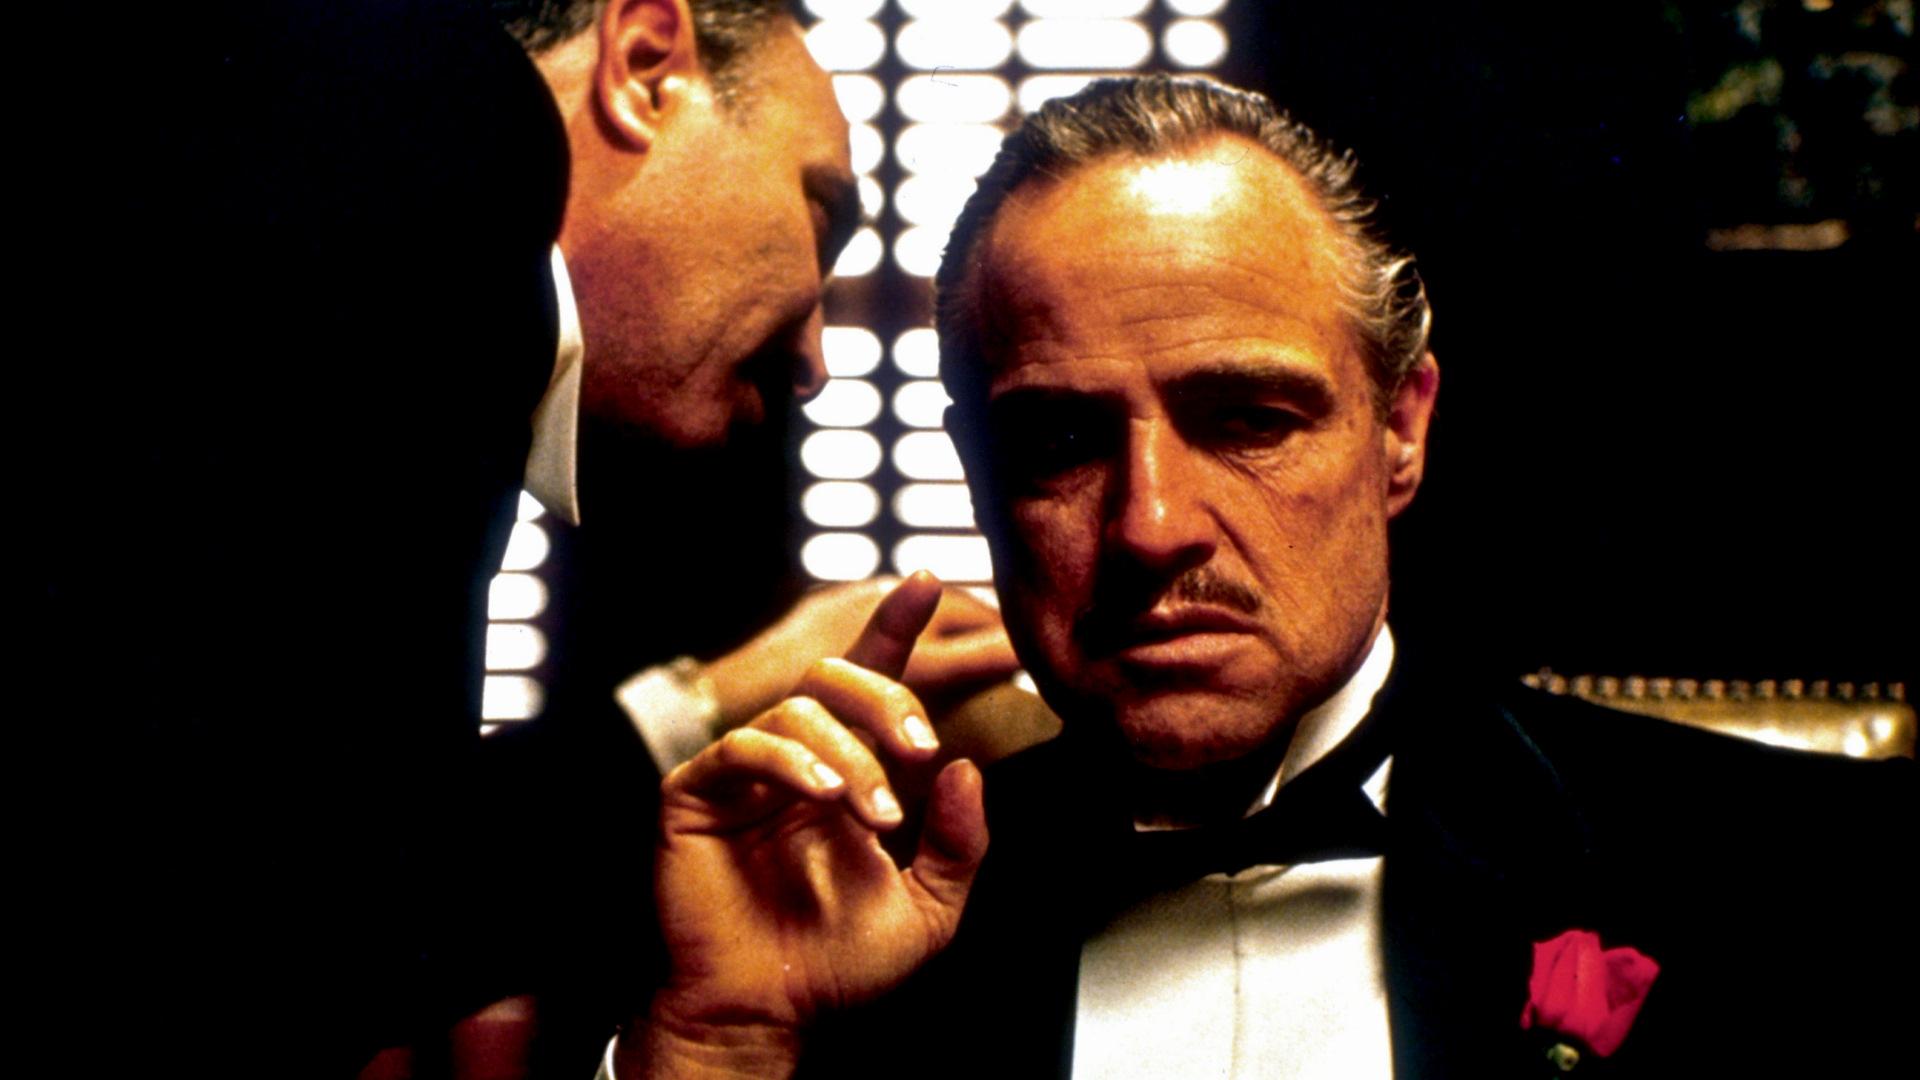 godfatherz